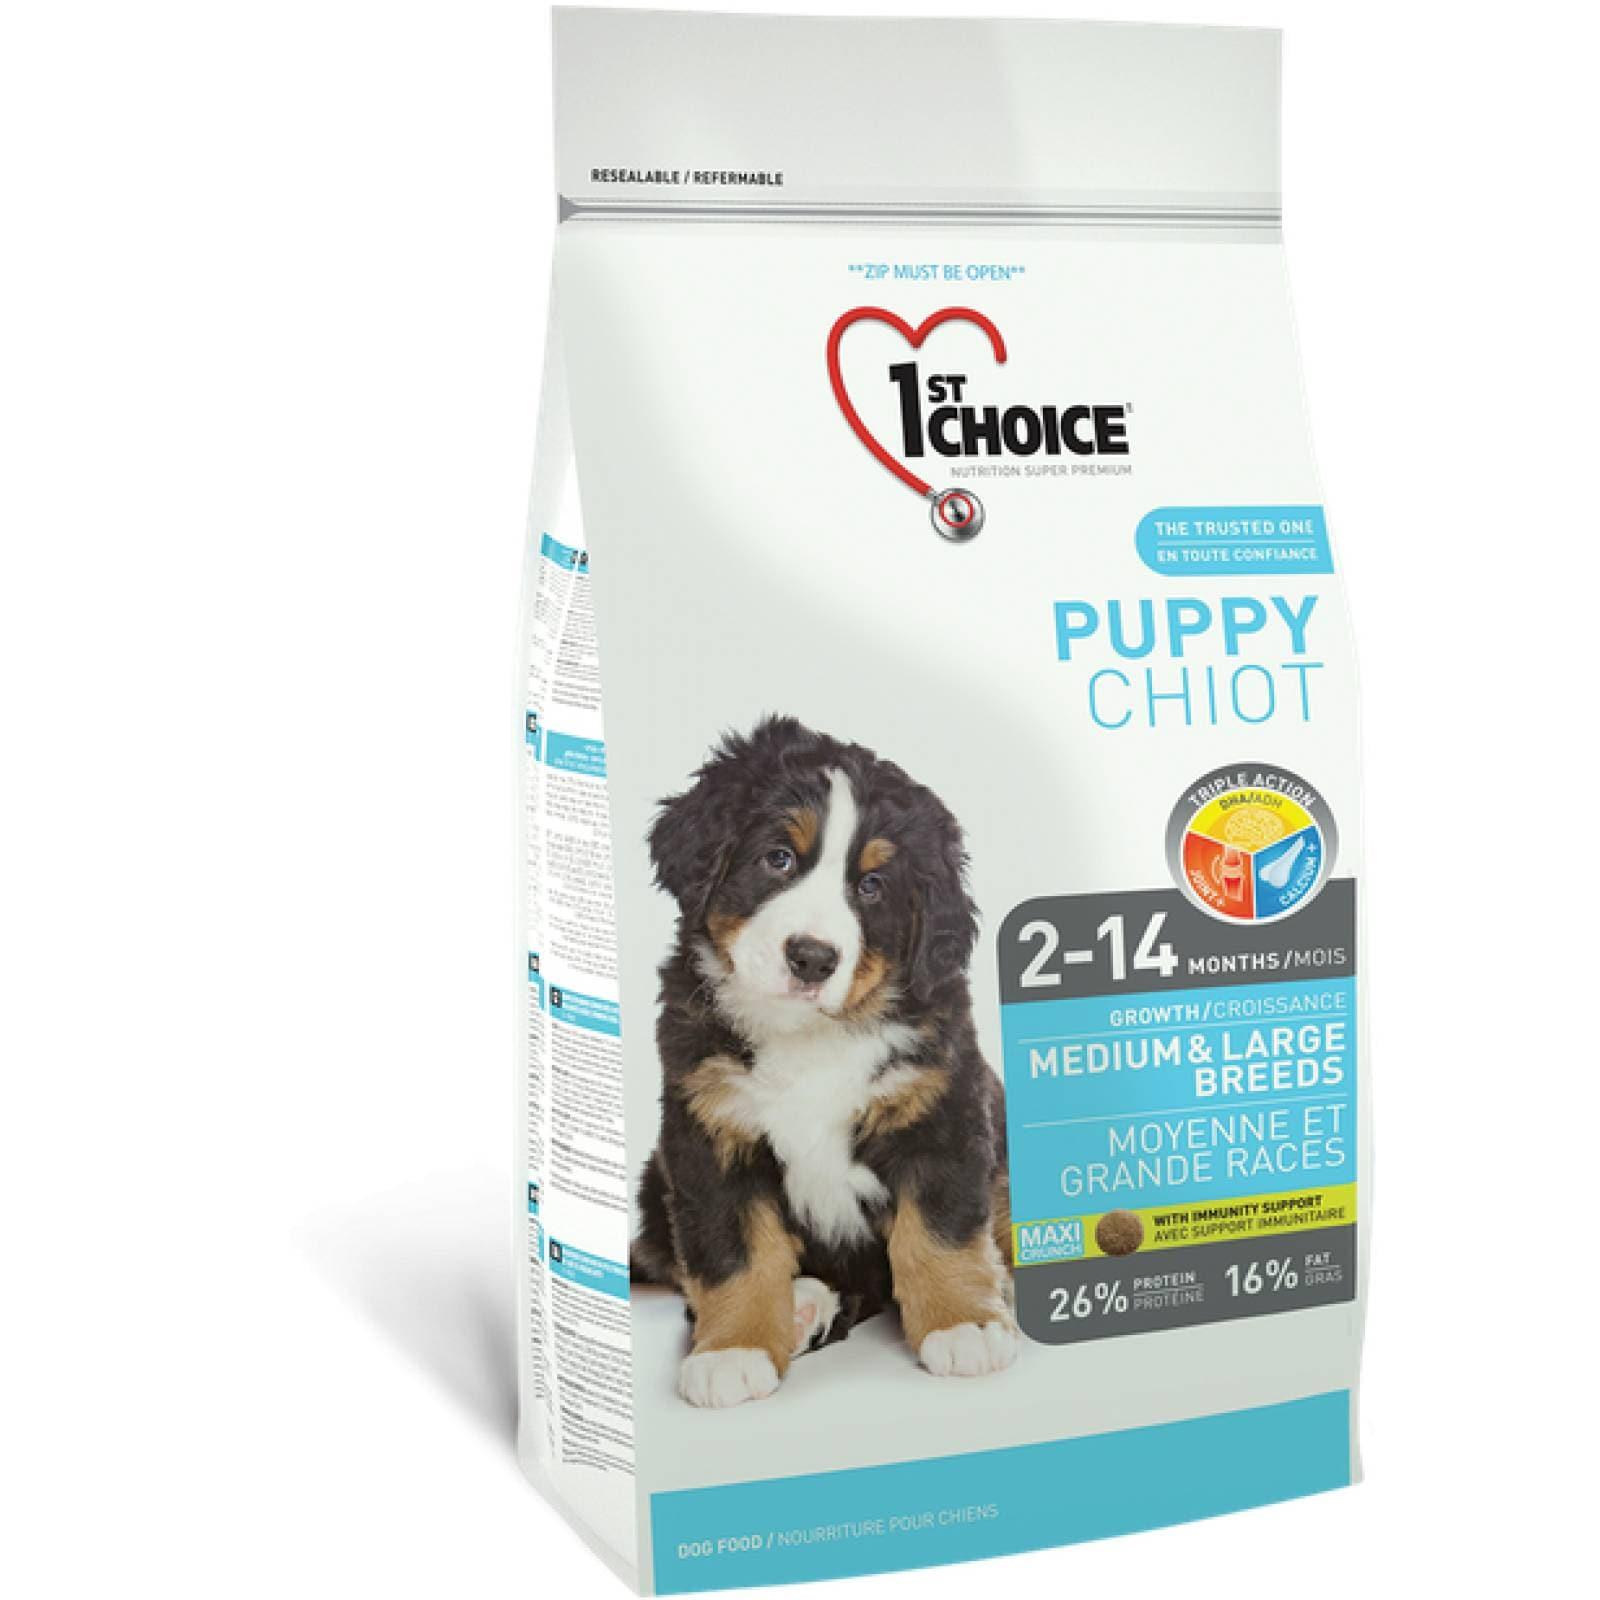 1ST Choice Alimento para Cachorro Raza Mediana y Grande Fórmula de pollo Edad: 2-14 meses 2.72 kg